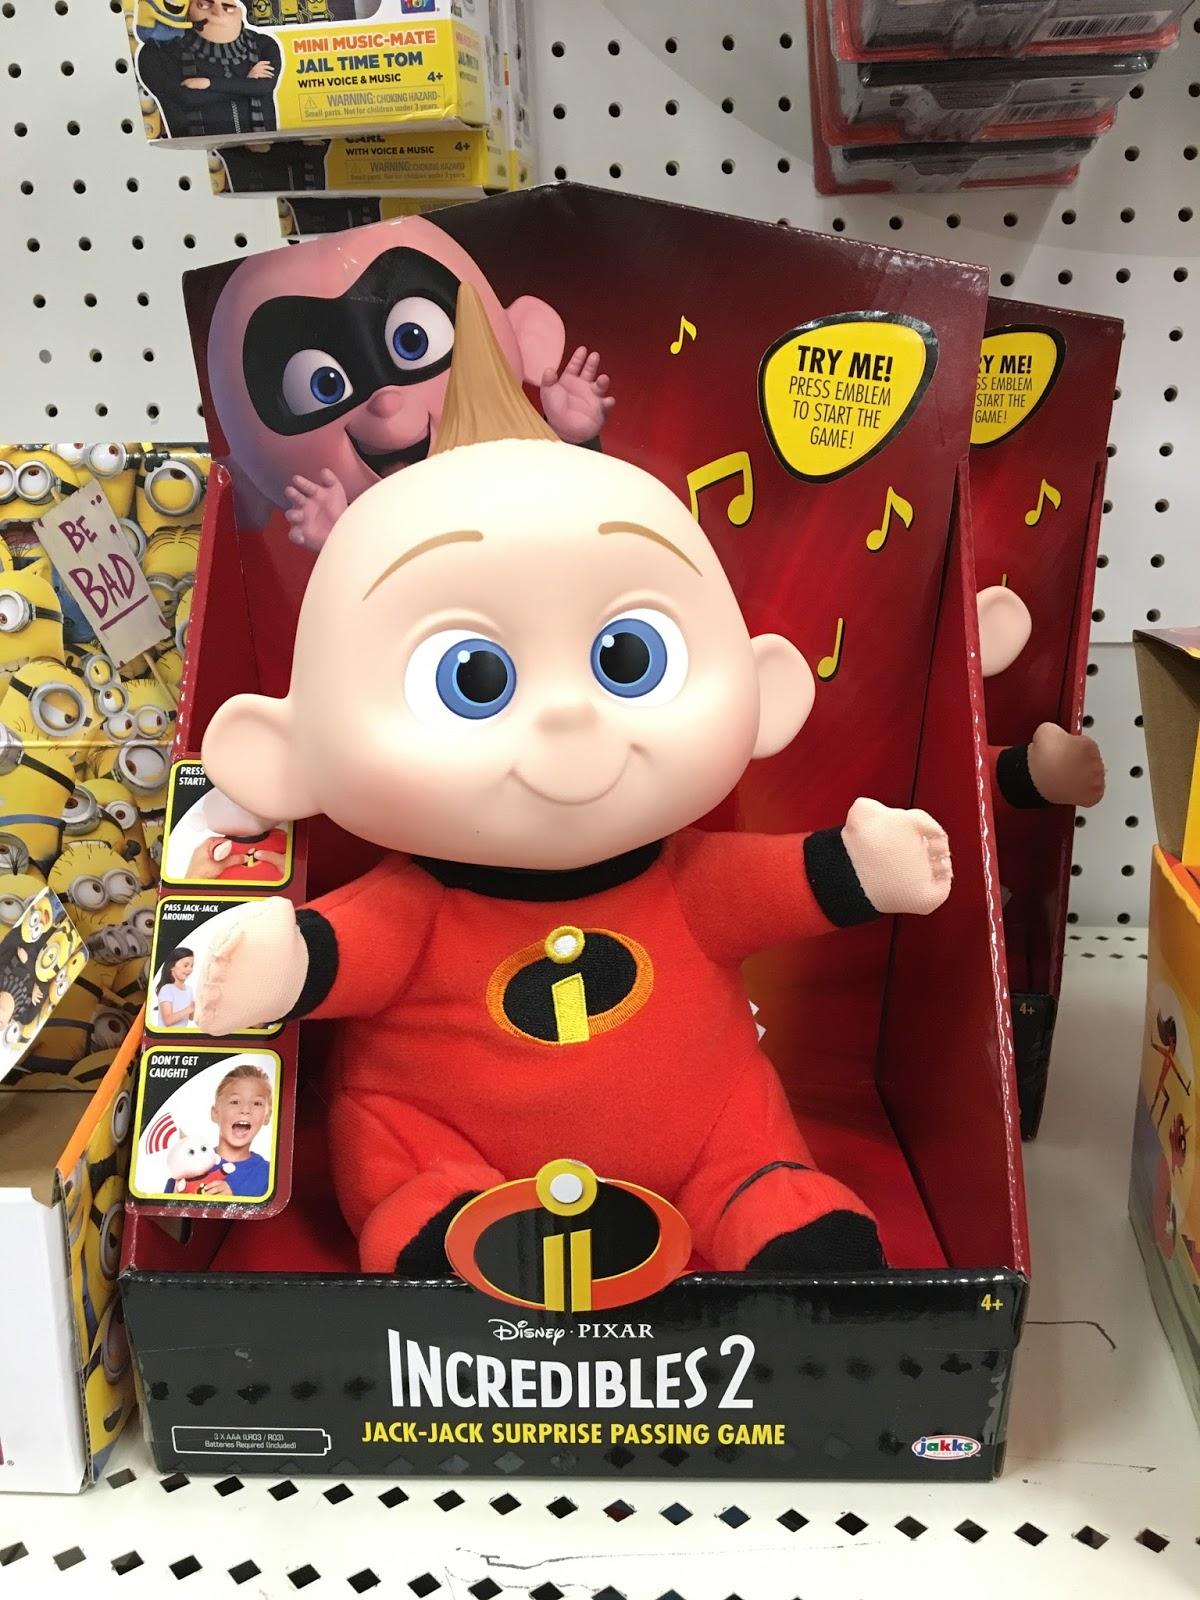 Dan The Pixar Fan Jakks Pacific Incredibles 2 Toys